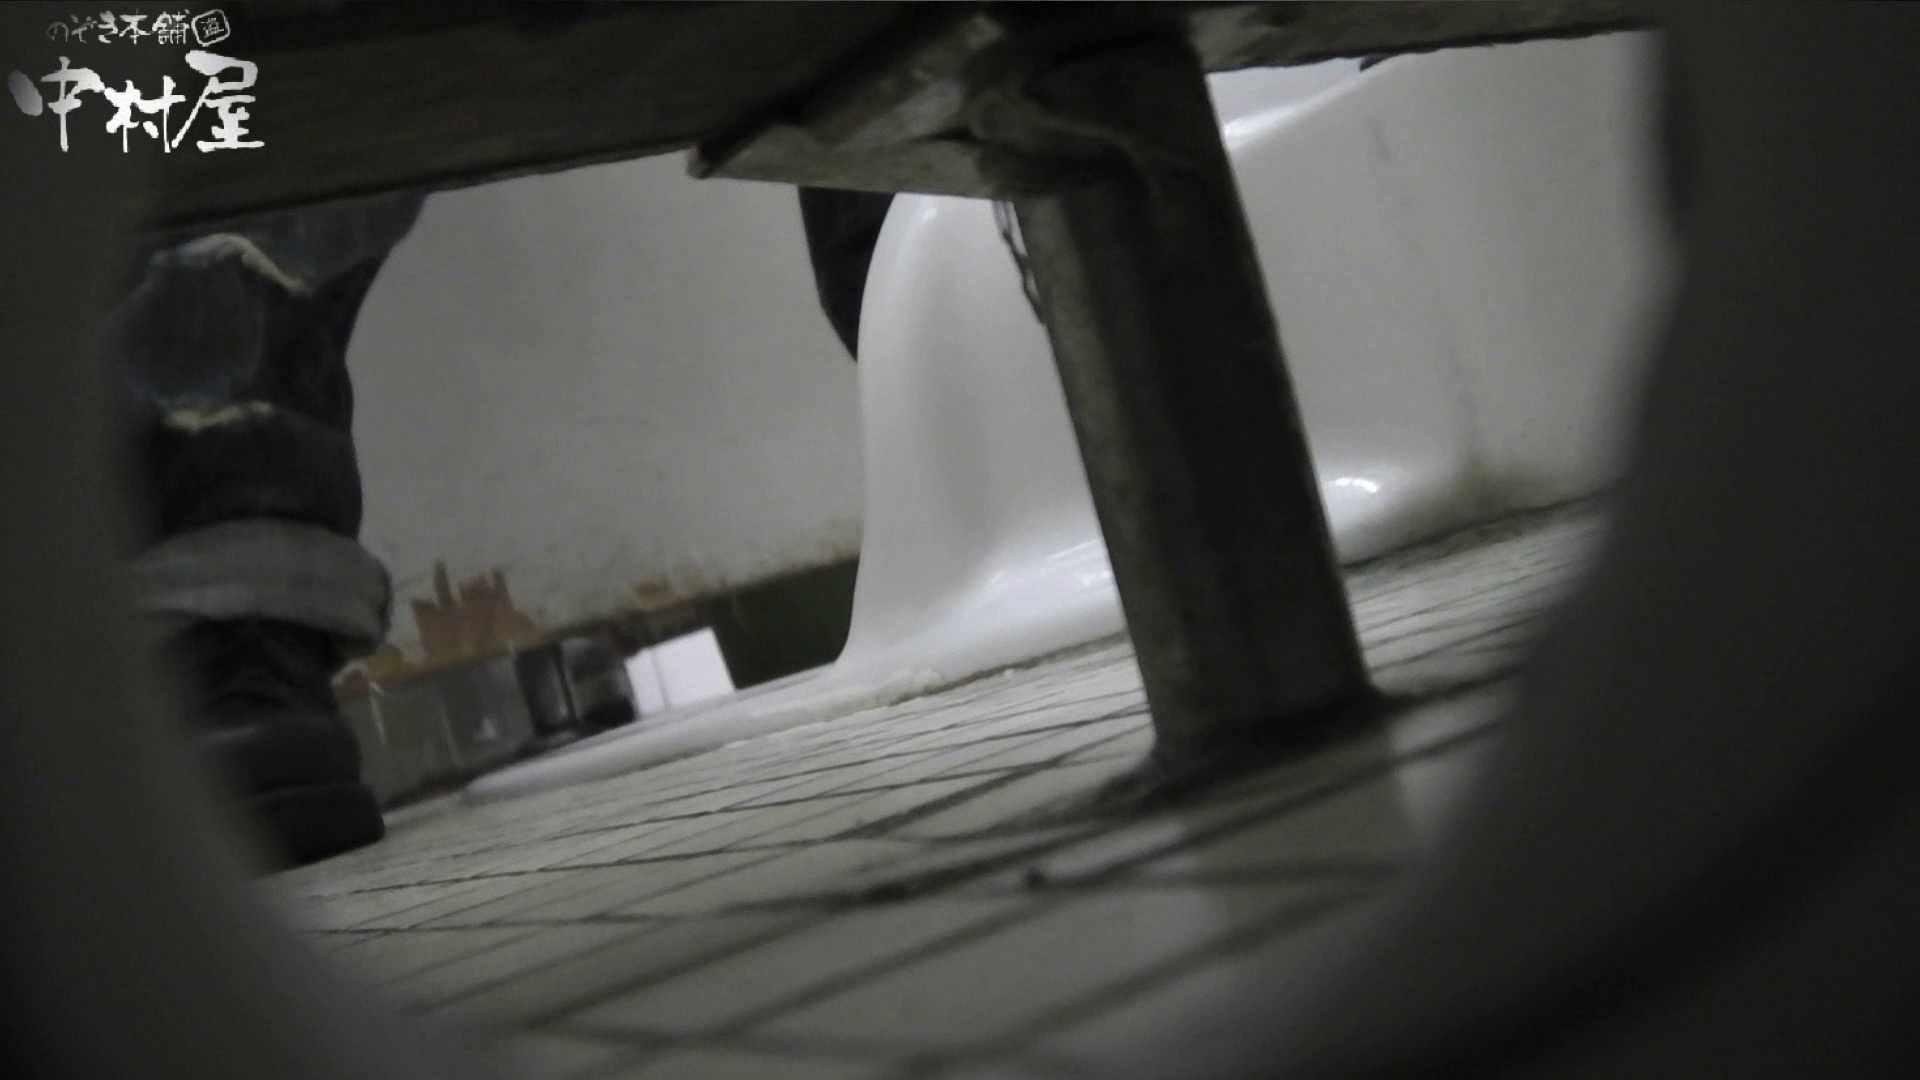 vol.01 命がけ潜伏洗面所! スニーカーブリブリ! プライベート | 綺麗なOLたち  76枚 69